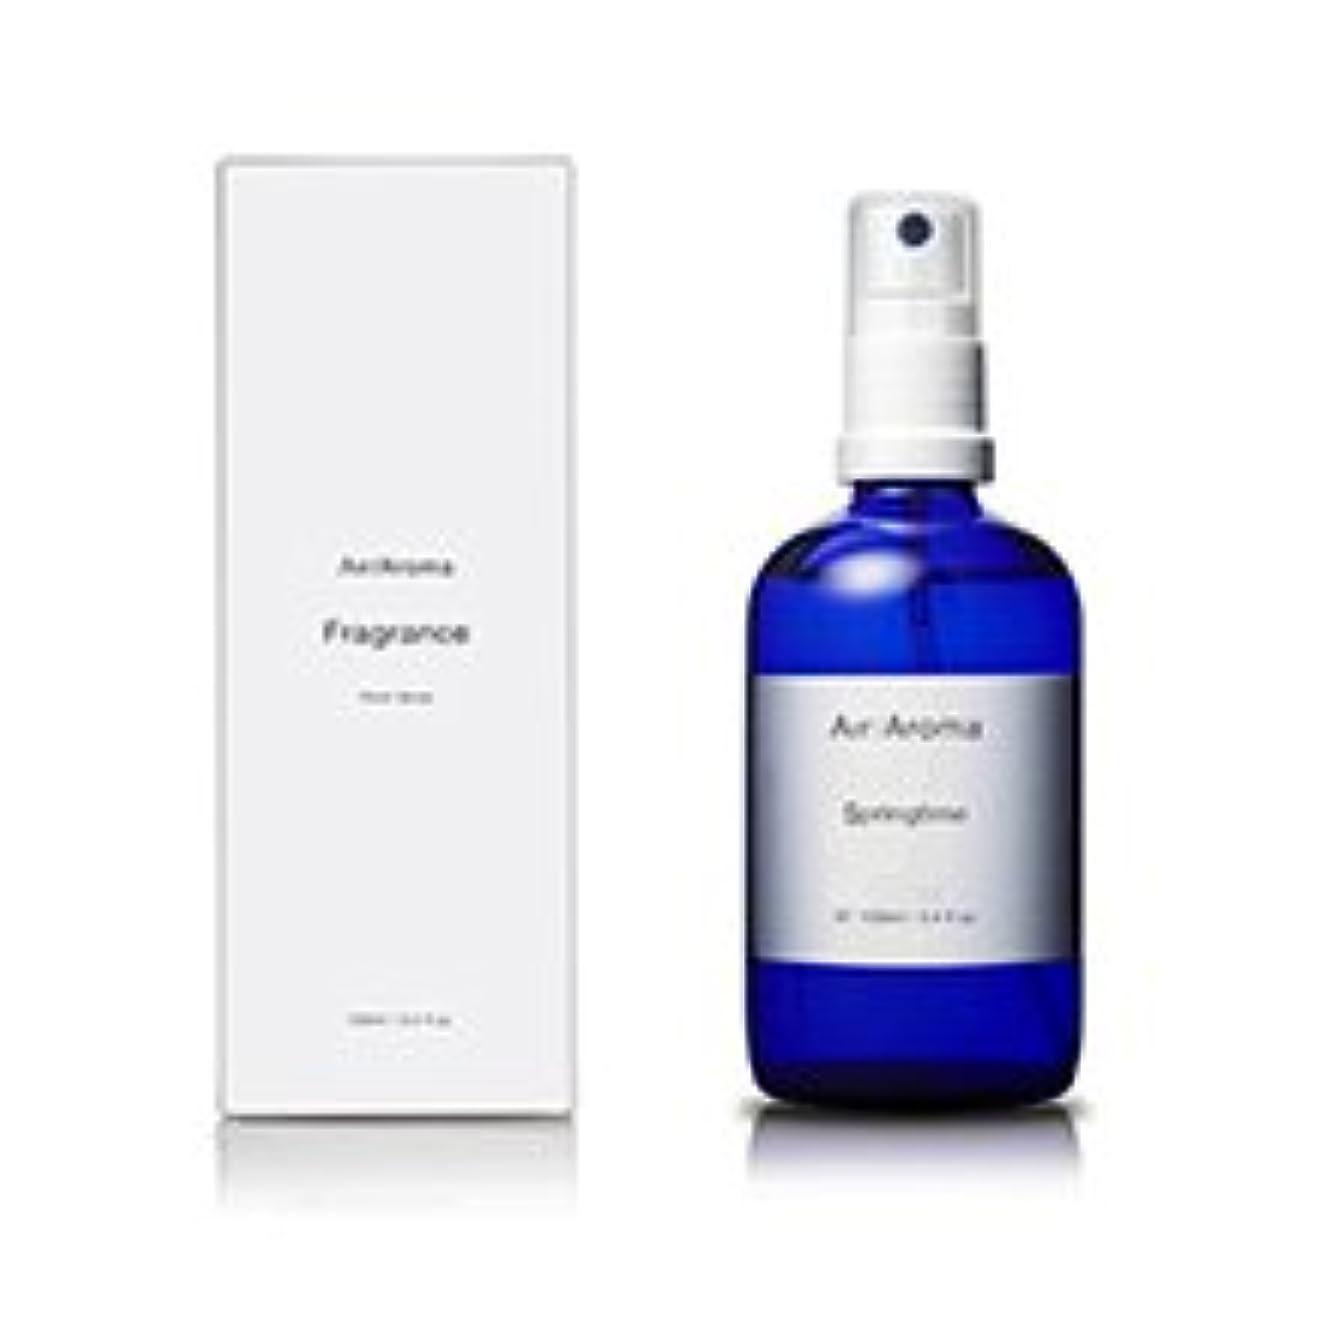 役立つふさわしい疲れたエアアロマ springtime room fragrance(スプリングタイム ルームフレグランス)100ml